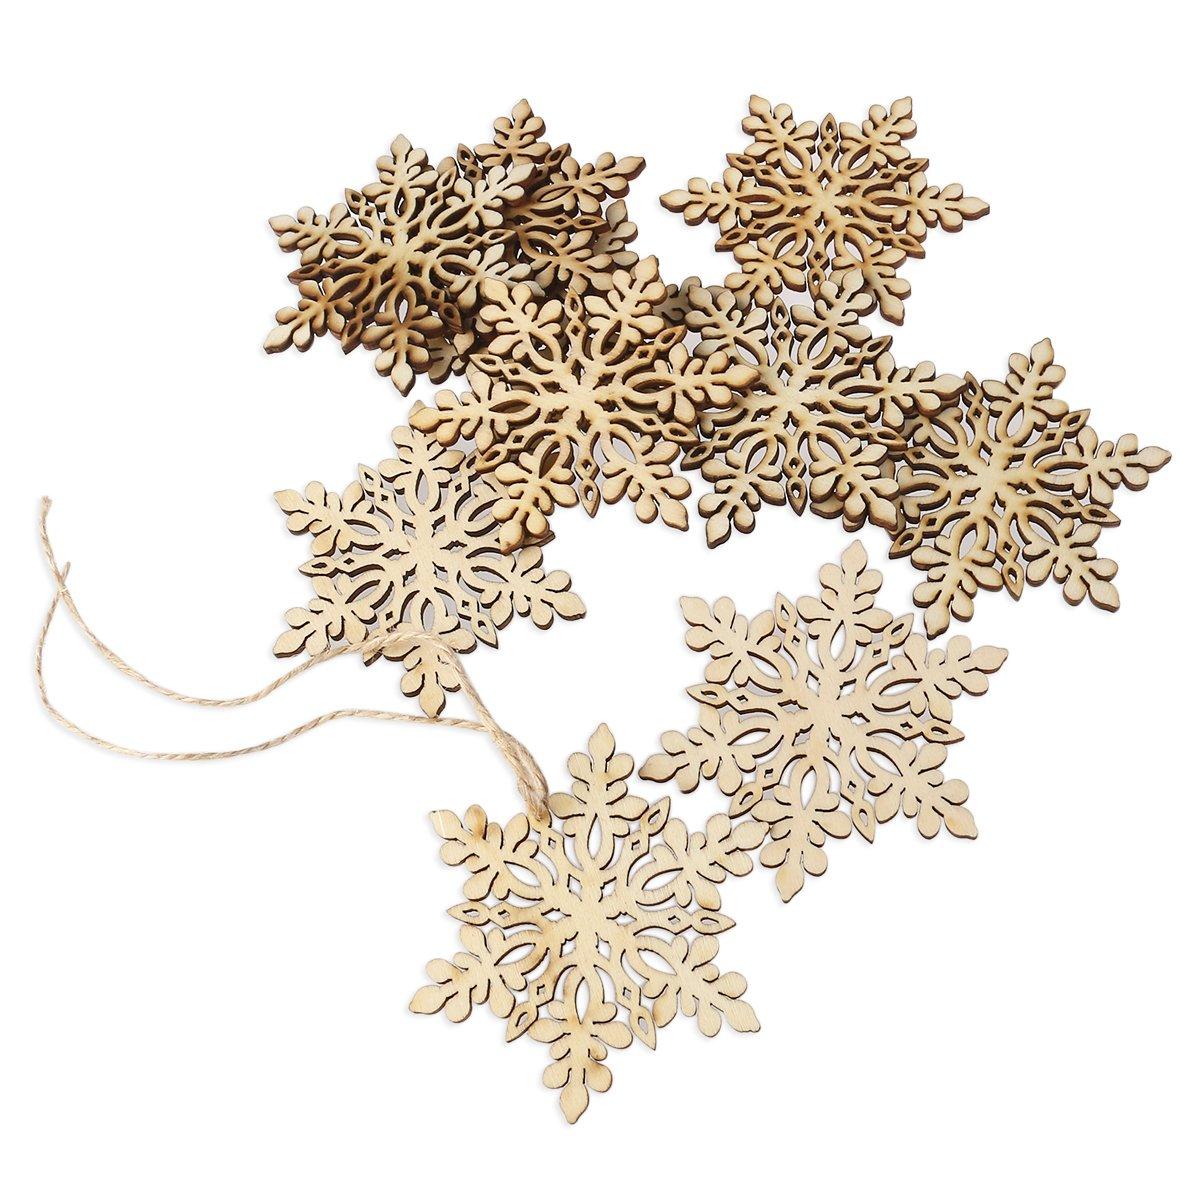 OULII 10pcs Sharp esagonale in legno fiocco di neve, decorazioni albero di Natale, ornamento, d'attaccatura di Natale decorazione ciondoli (colore di legno)